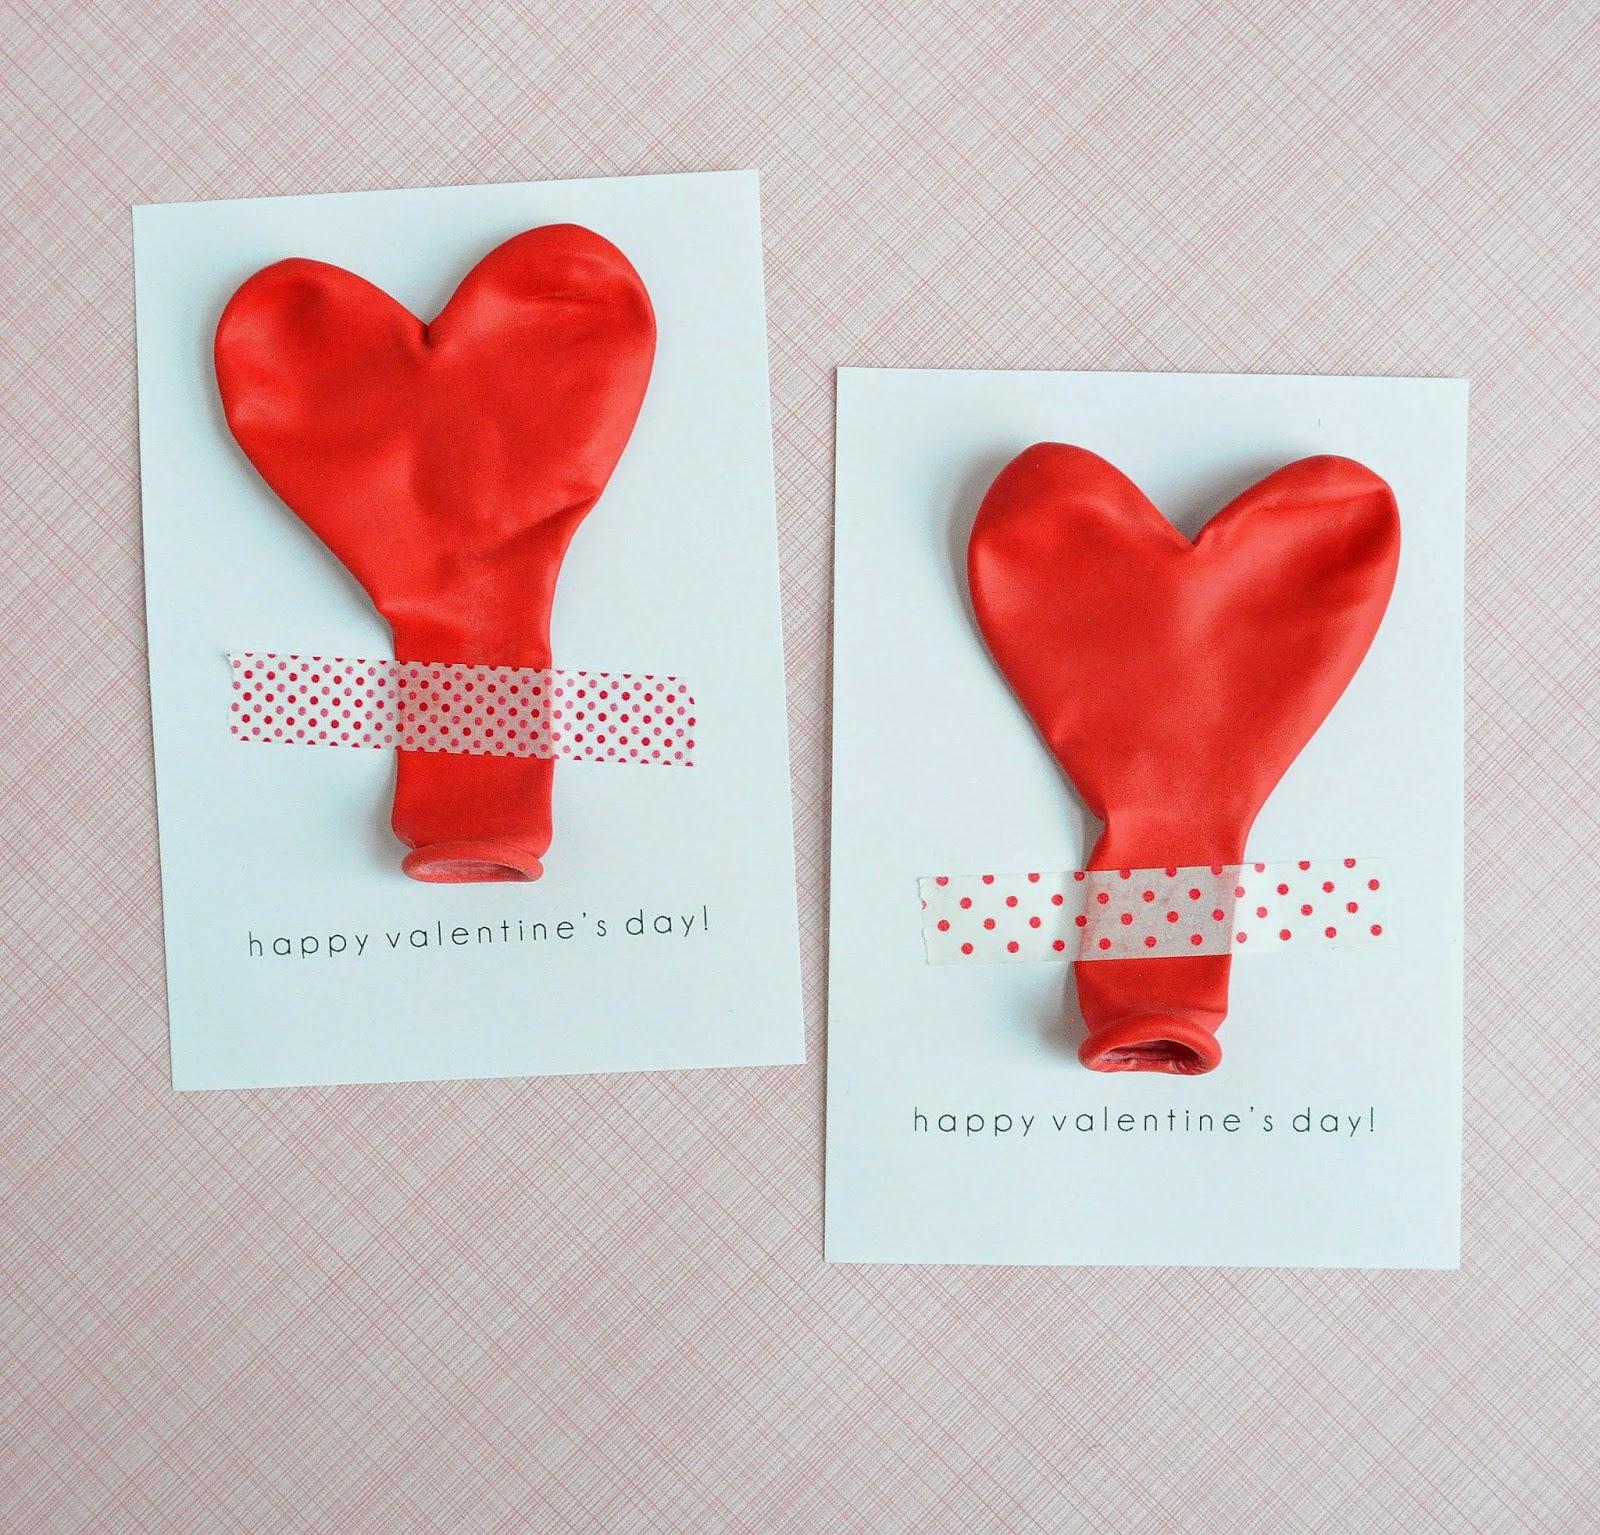 bonitas ideas sobre como hacer manualidades con globos coloridos, postales para san valentin super originales en fotos